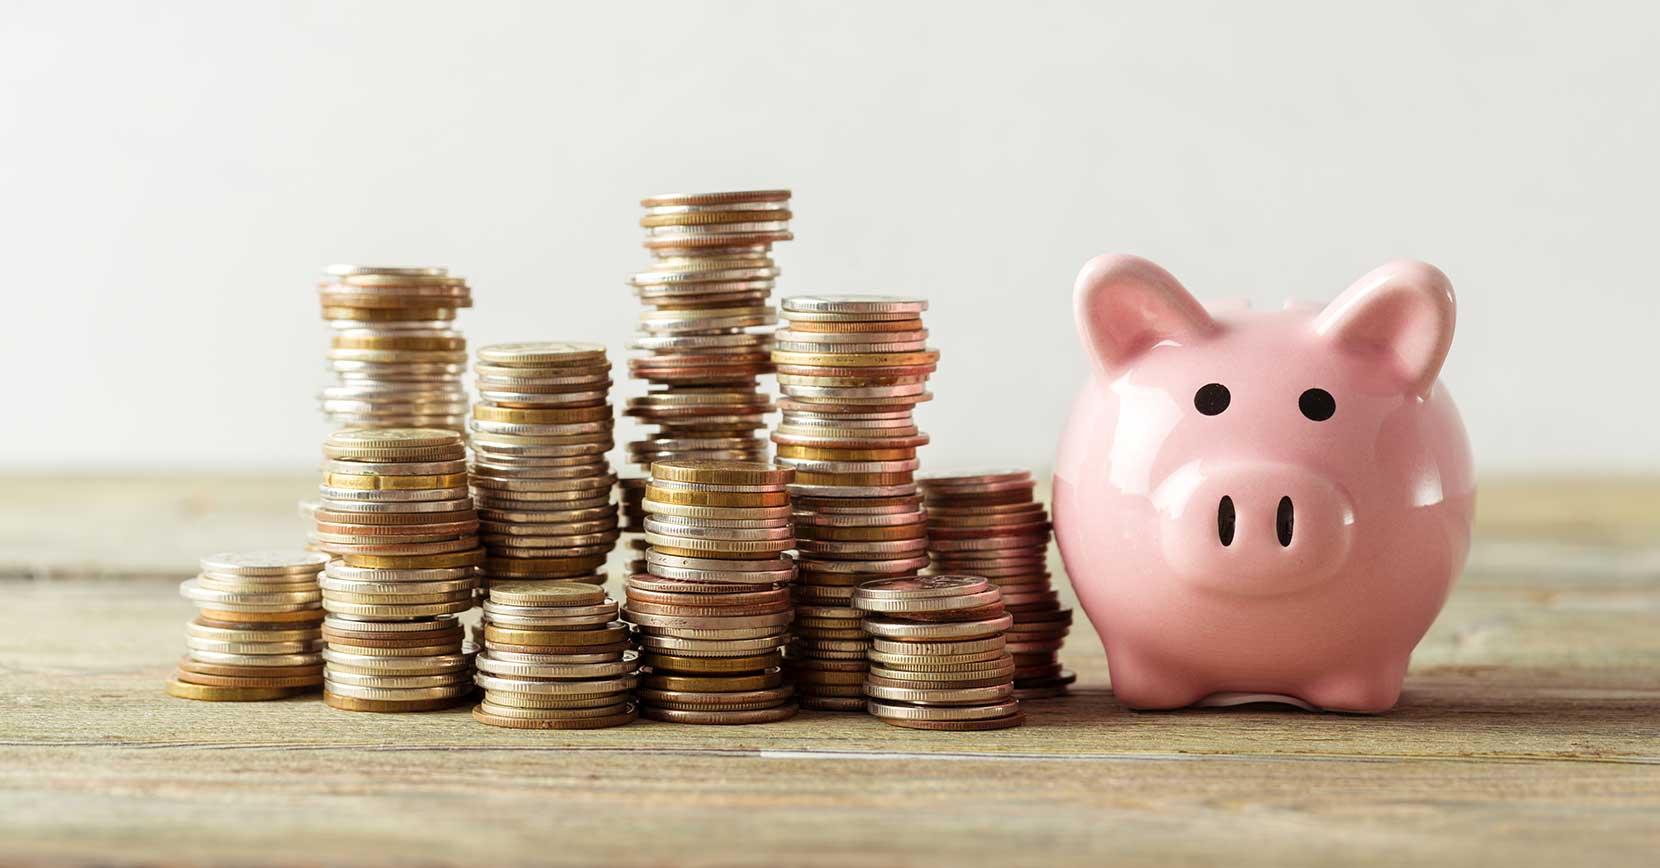 Astuces Pour Faire Des Économies Sur Les Courses nos astuces pour faire des économies en 2020   topcompare.be